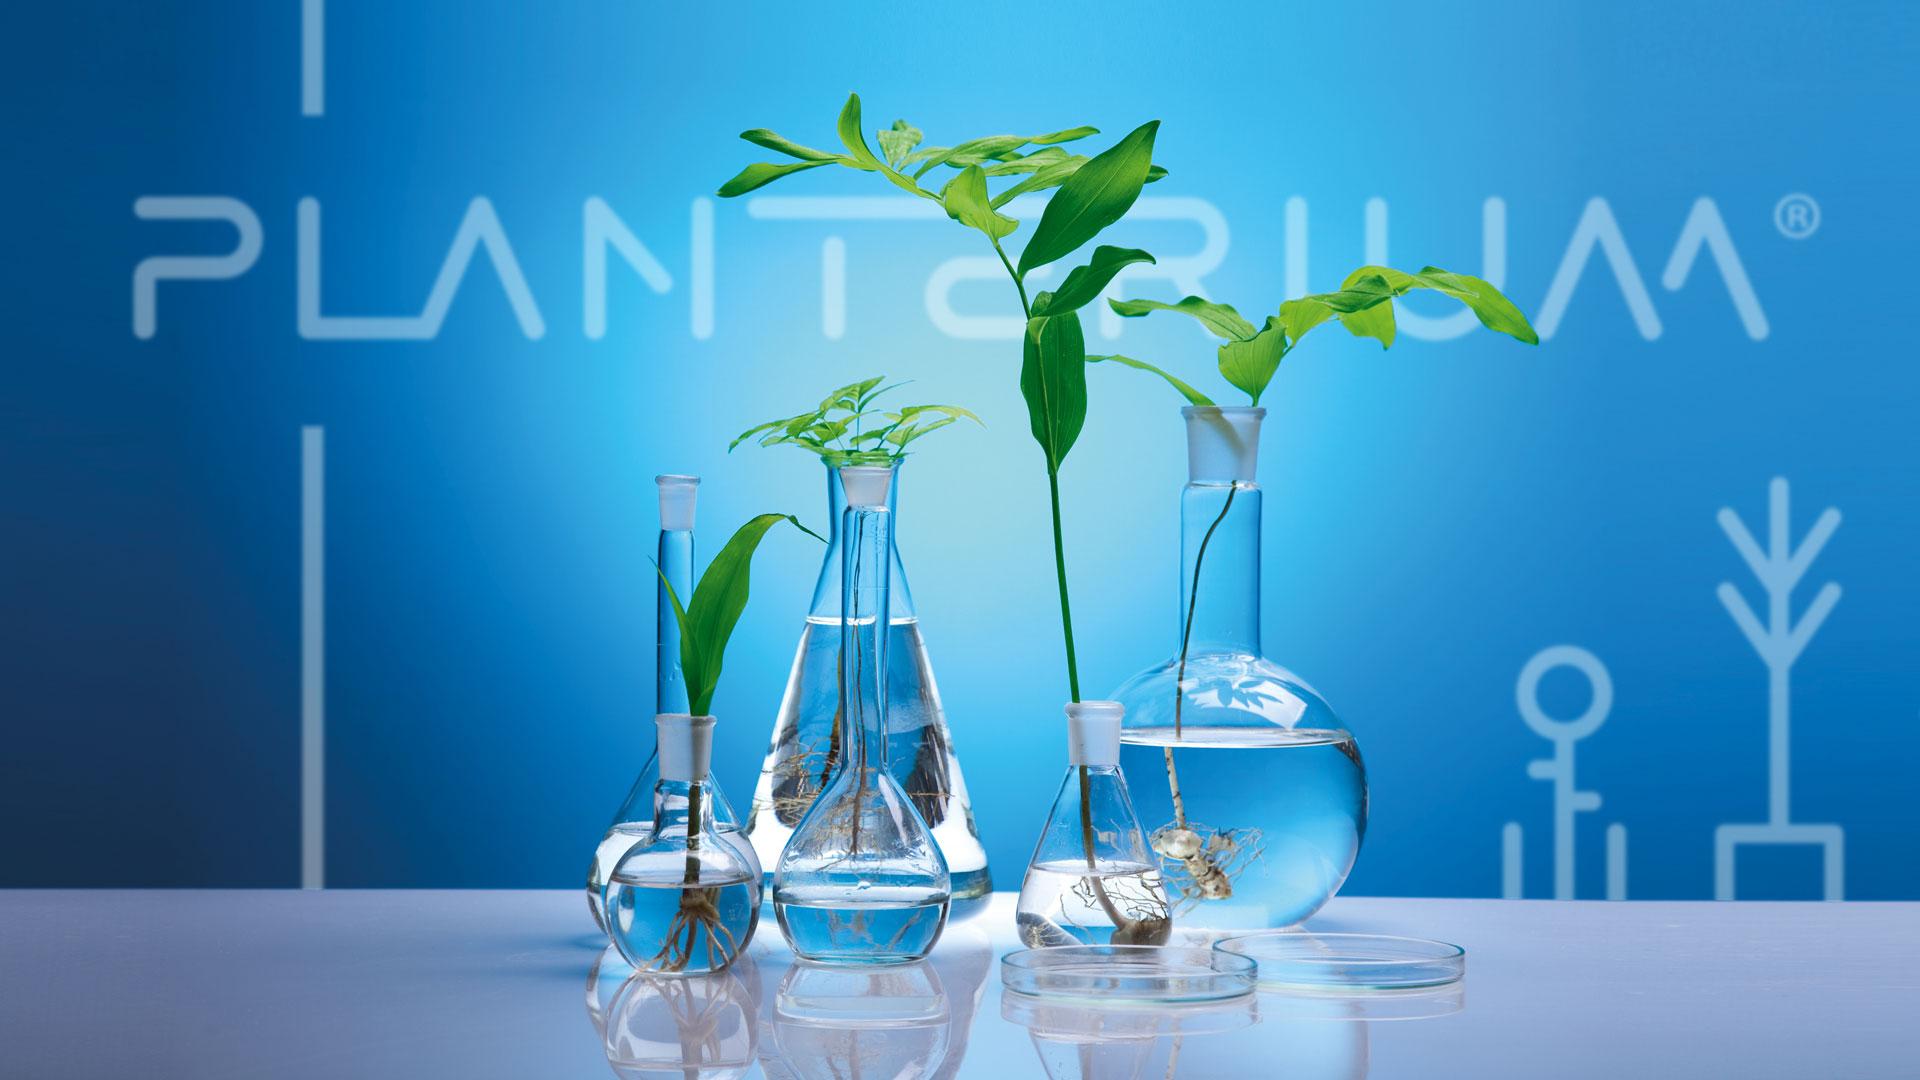 Planterium